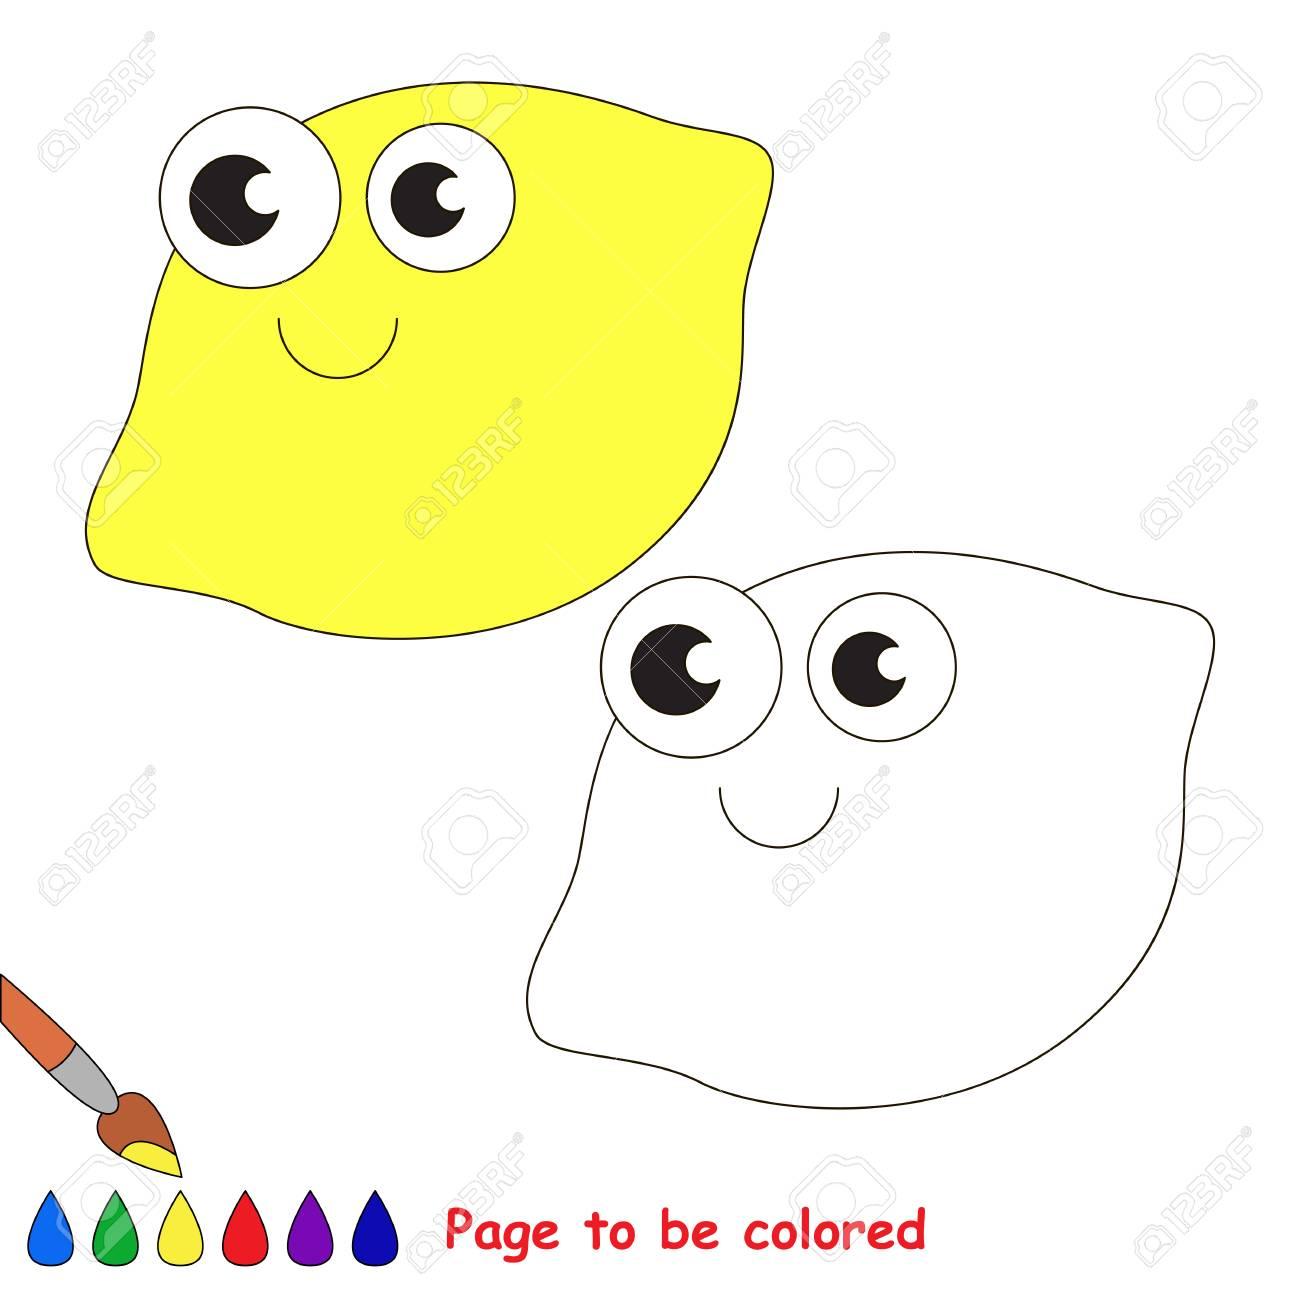 Un Limón Para Colorear Libro De Colorear Para Educar A Los Niños Aprende Colores Juego Educativo Visual Fácil Juego Para Niños Y Educación